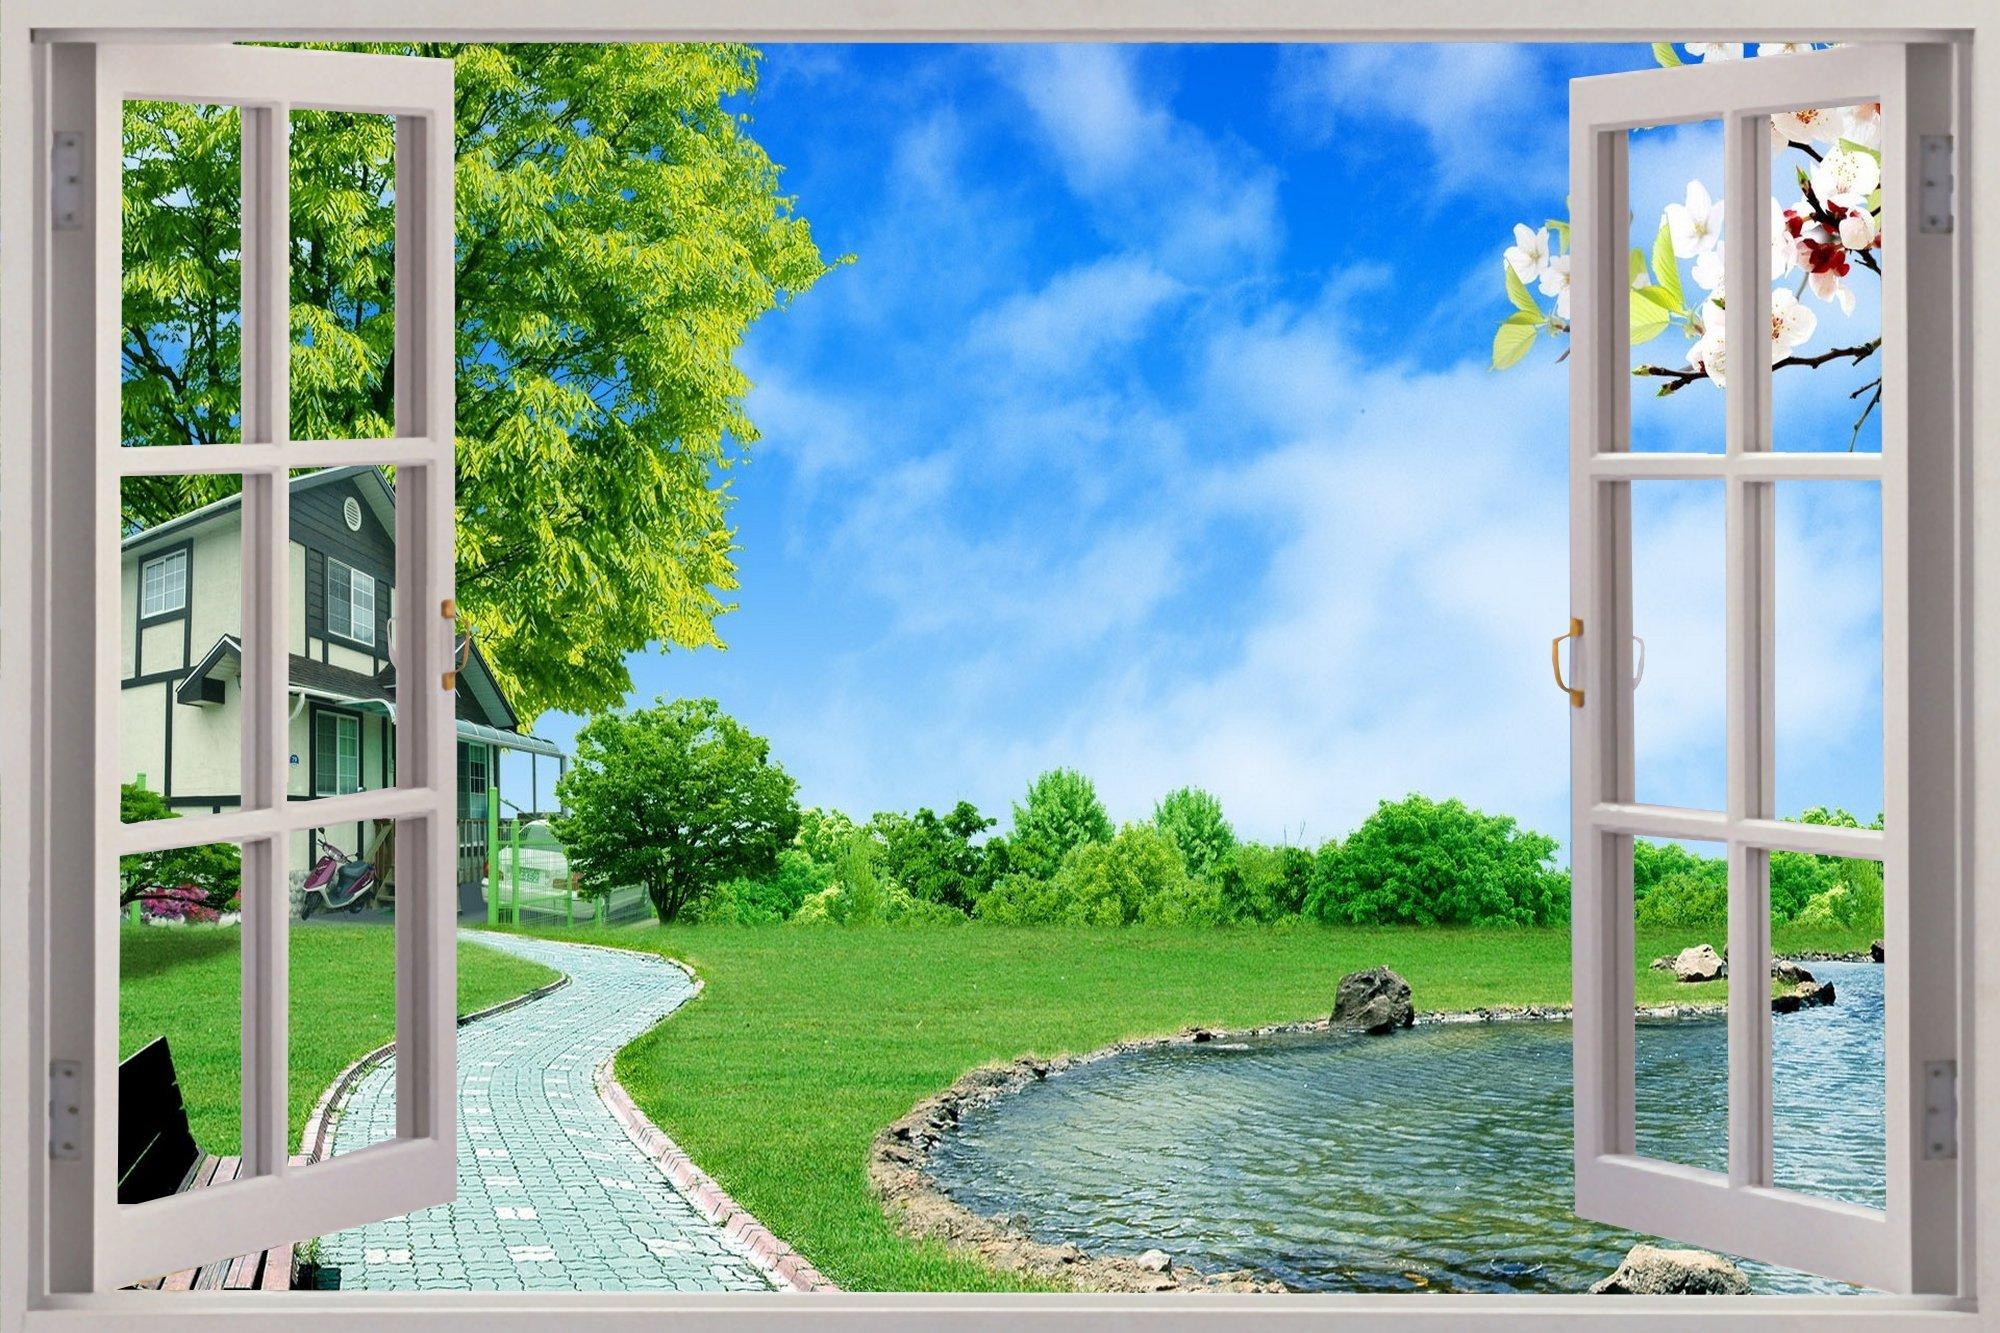 же, фотообои окно вид из окна пляж